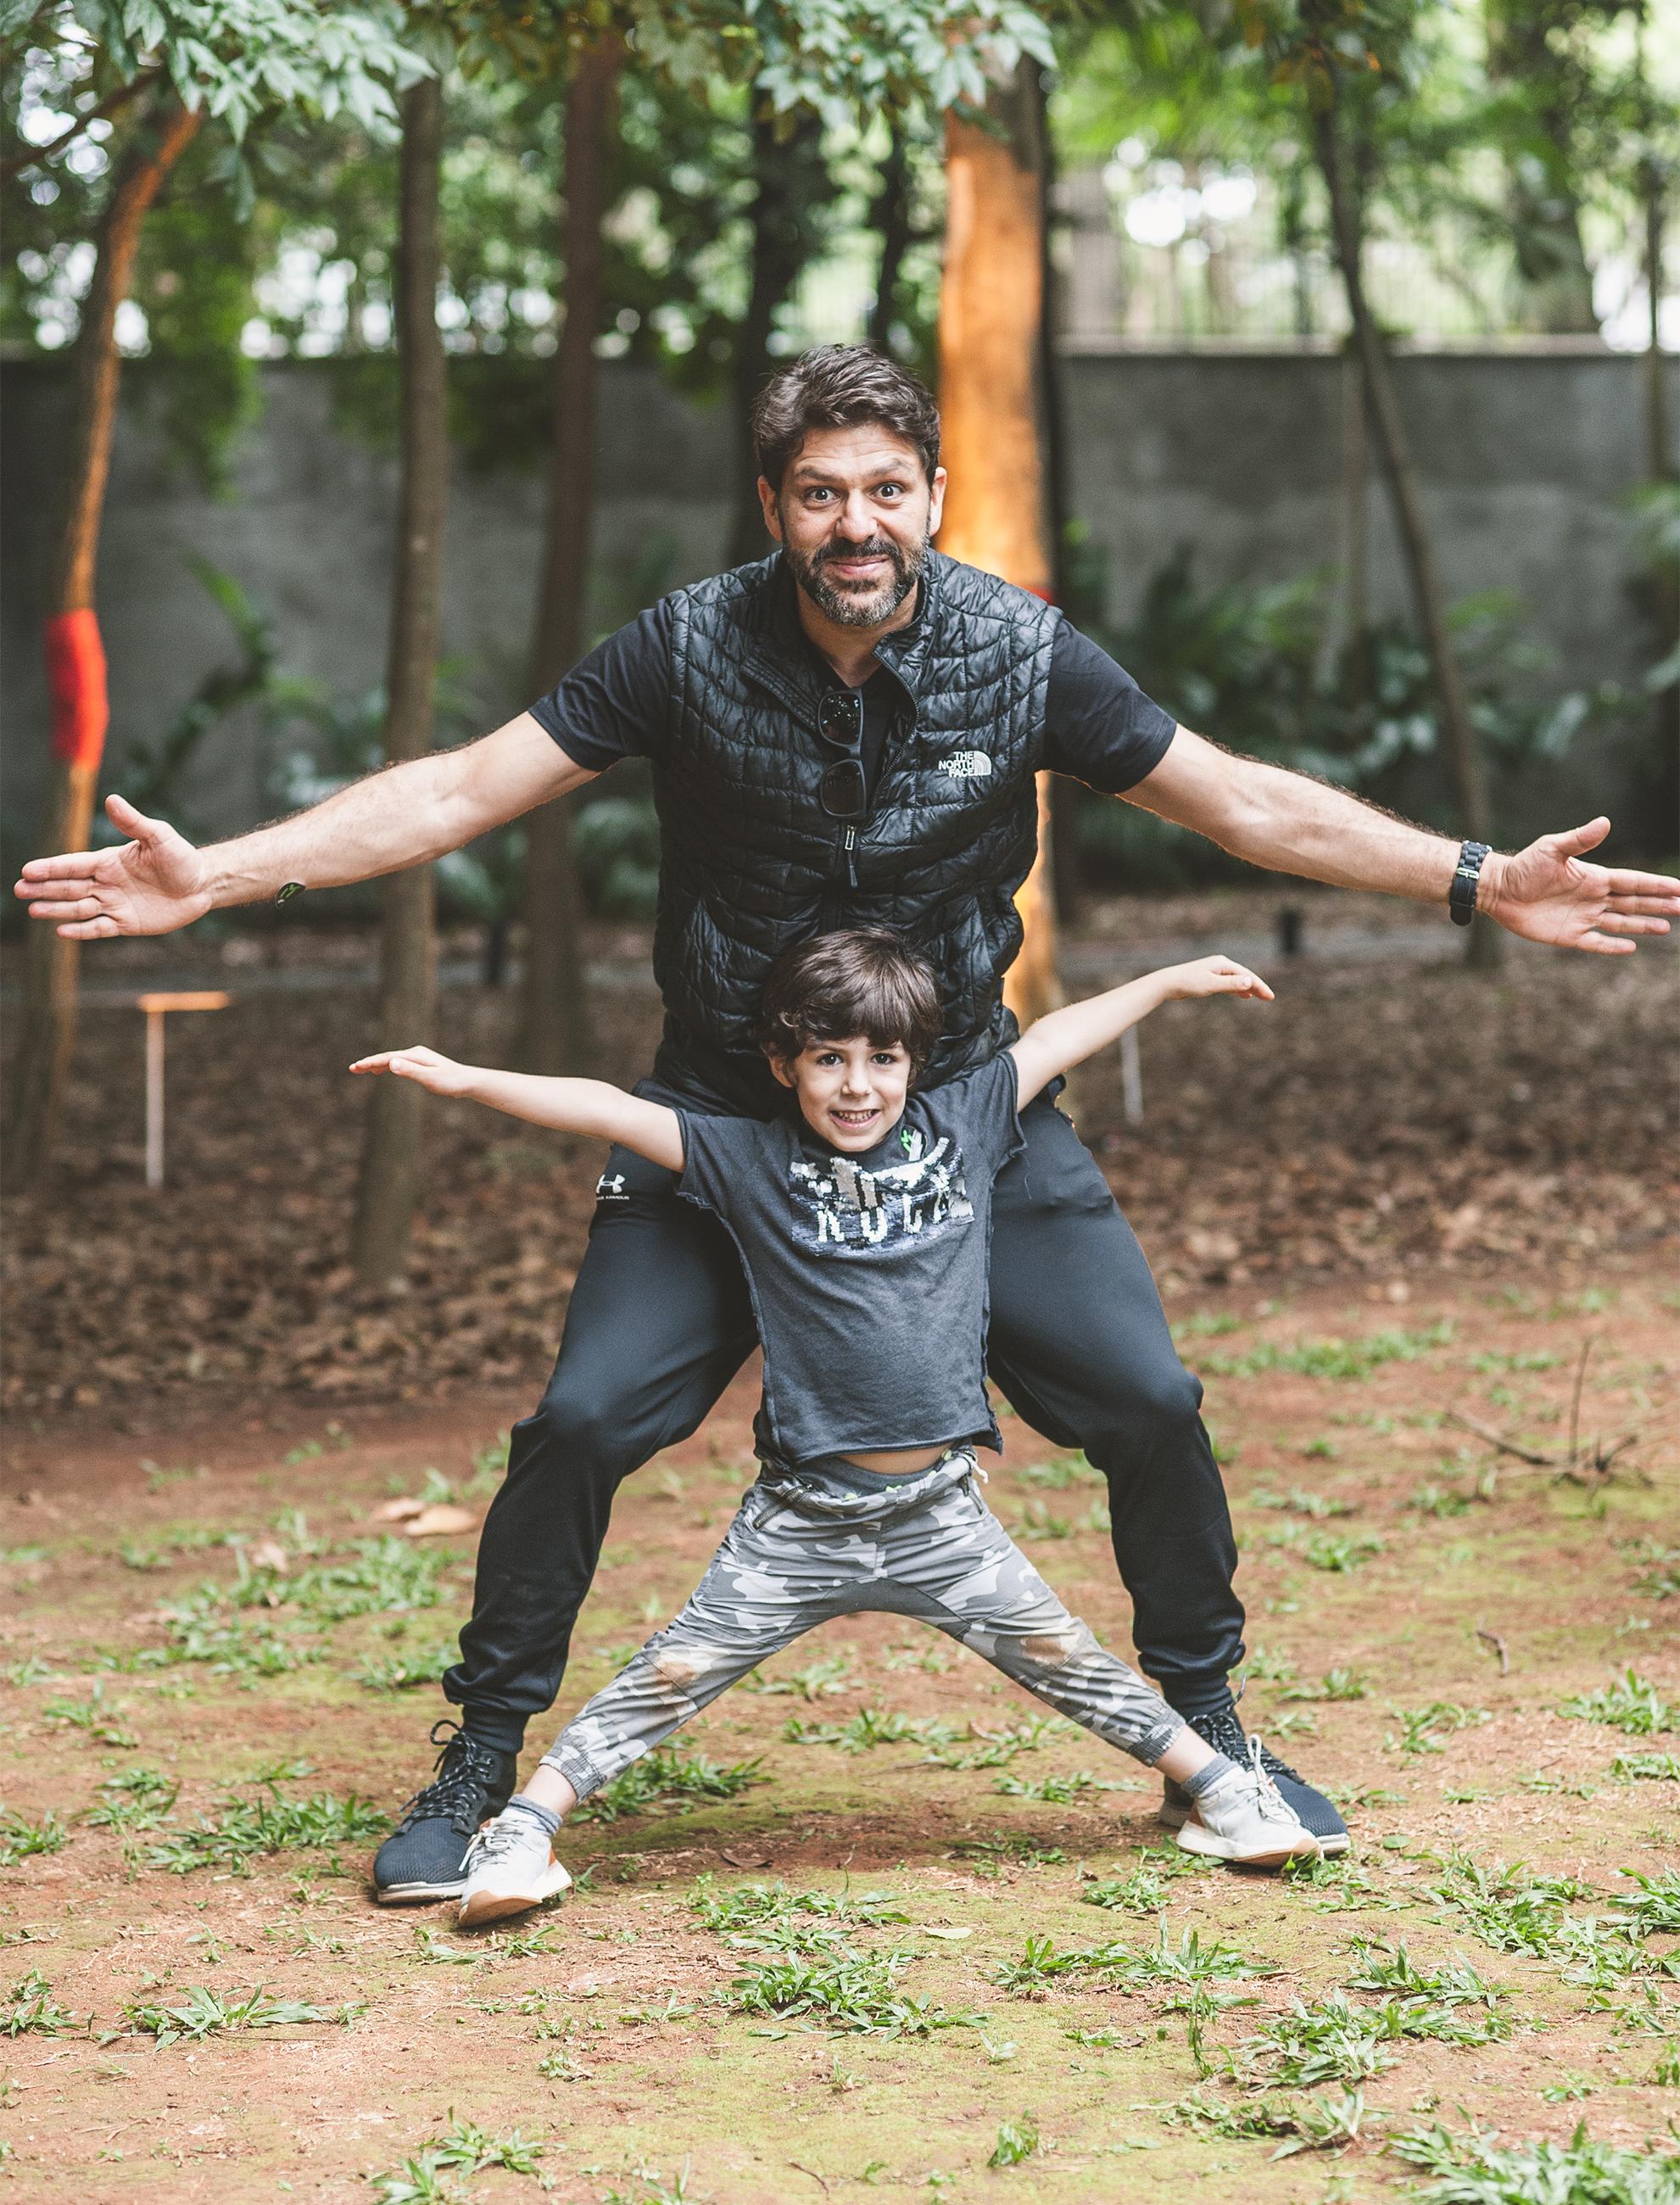 Guilherme Jahara entrou no clima da bagunça com o filho, Pedro Jahara, que não queria de jeito nenhum parar de brincar no parquinho Erê Lab.